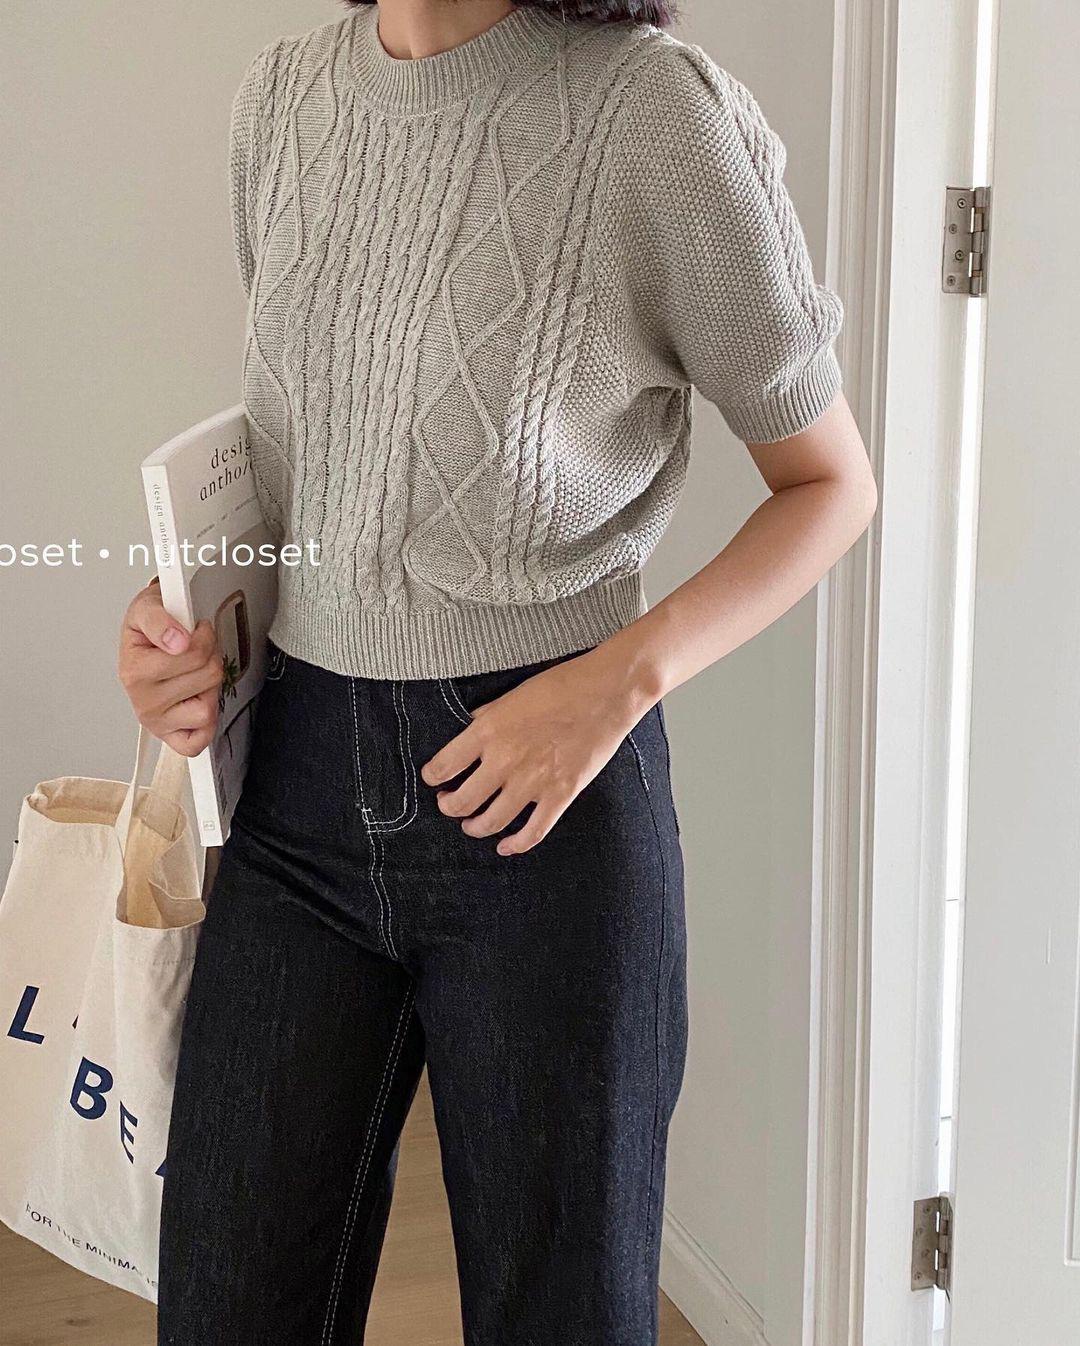 """Ngắm là muốn sắm luôn 10 mẫu áo len sang xịn, phối đồ nào cũng """"ăn rơ"""" - ảnh 20"""